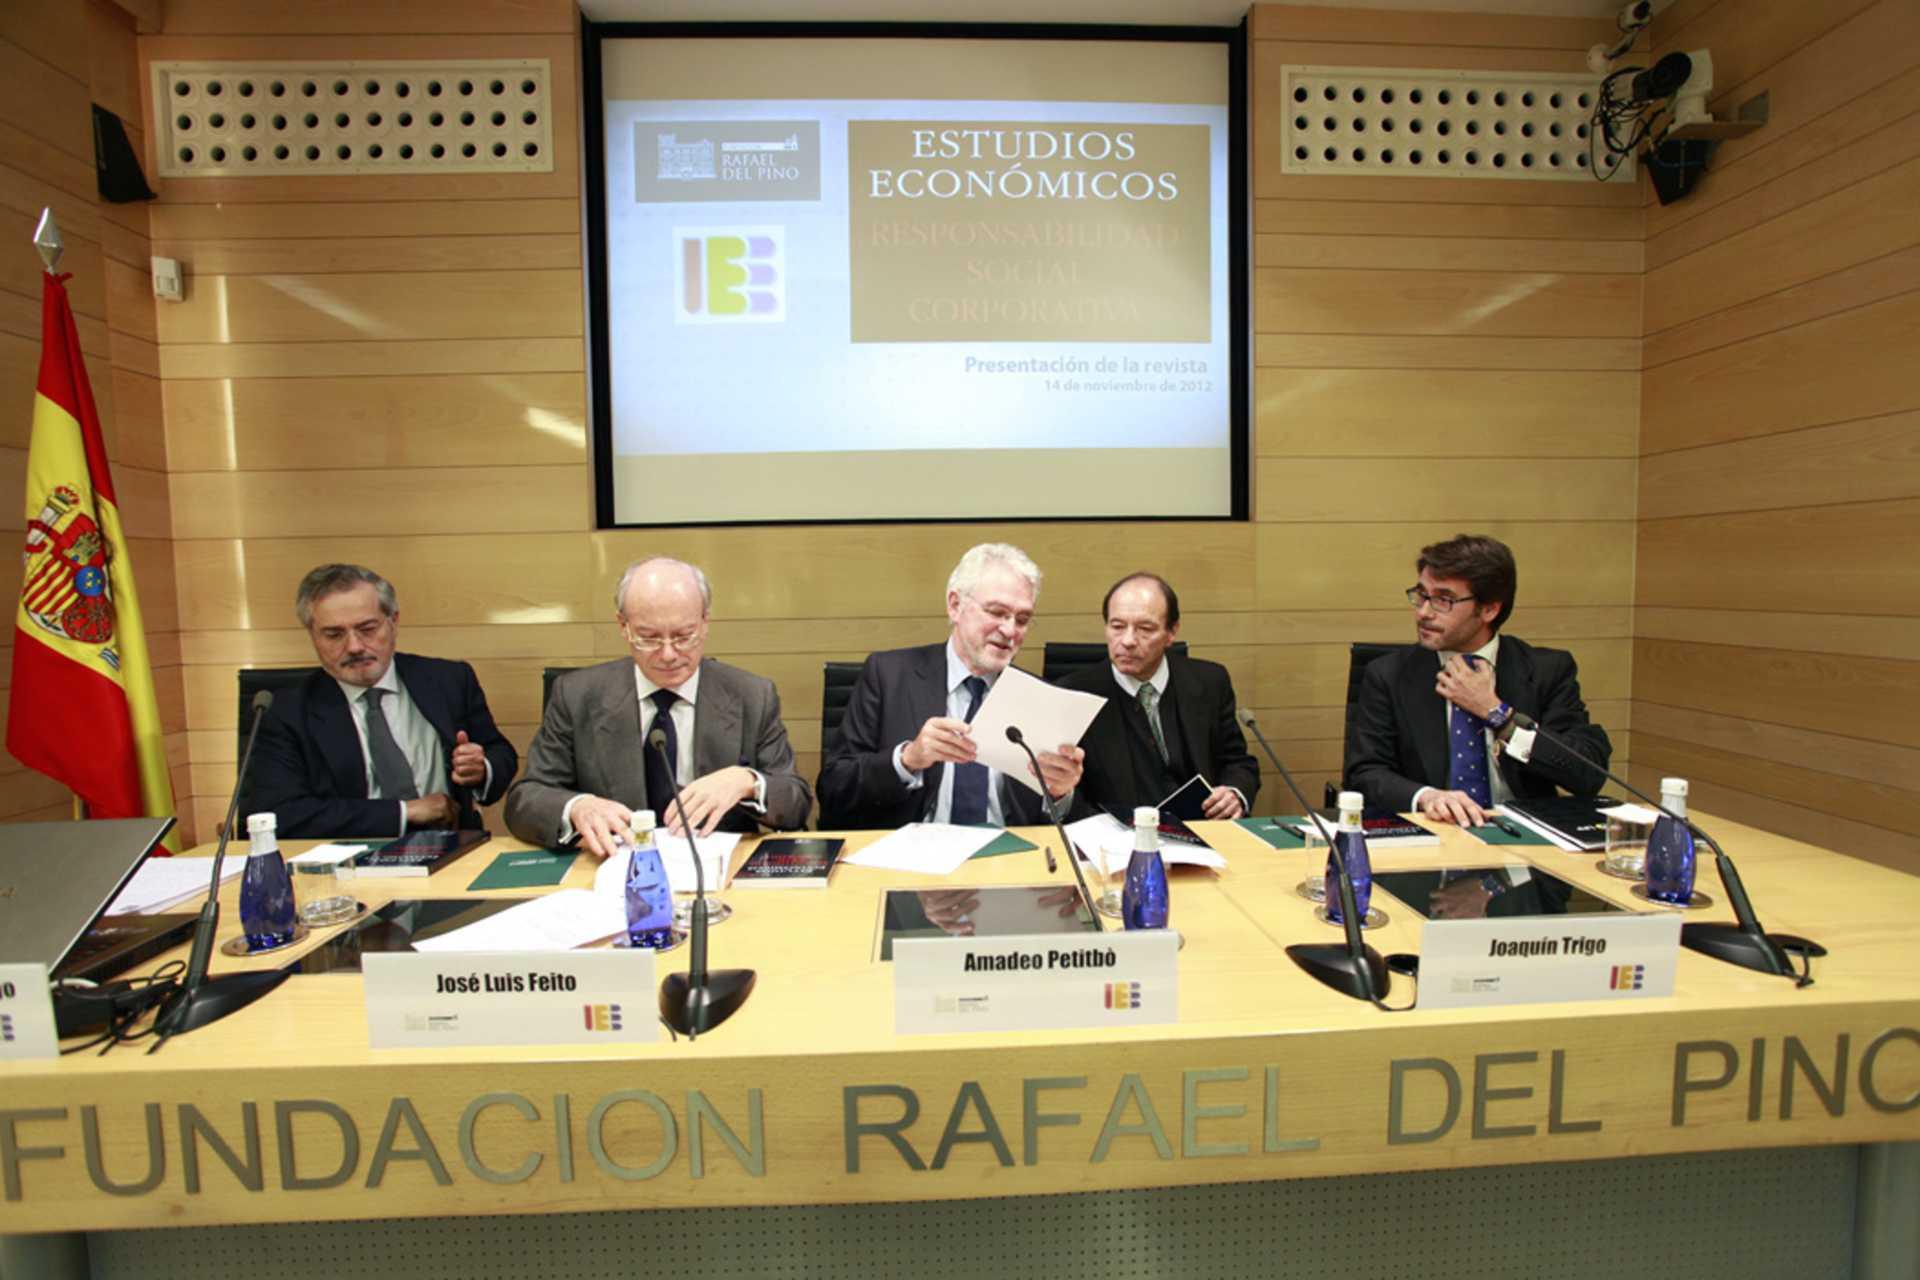 La Fundación Rafael del Pinoo presenta la revista Estudios Económicos con la presencia en la mesa de Rafael García Diego,  Jose Luis Feito, Amadeo Petitbó, Joaquín Trigo y Miguel García Caba.